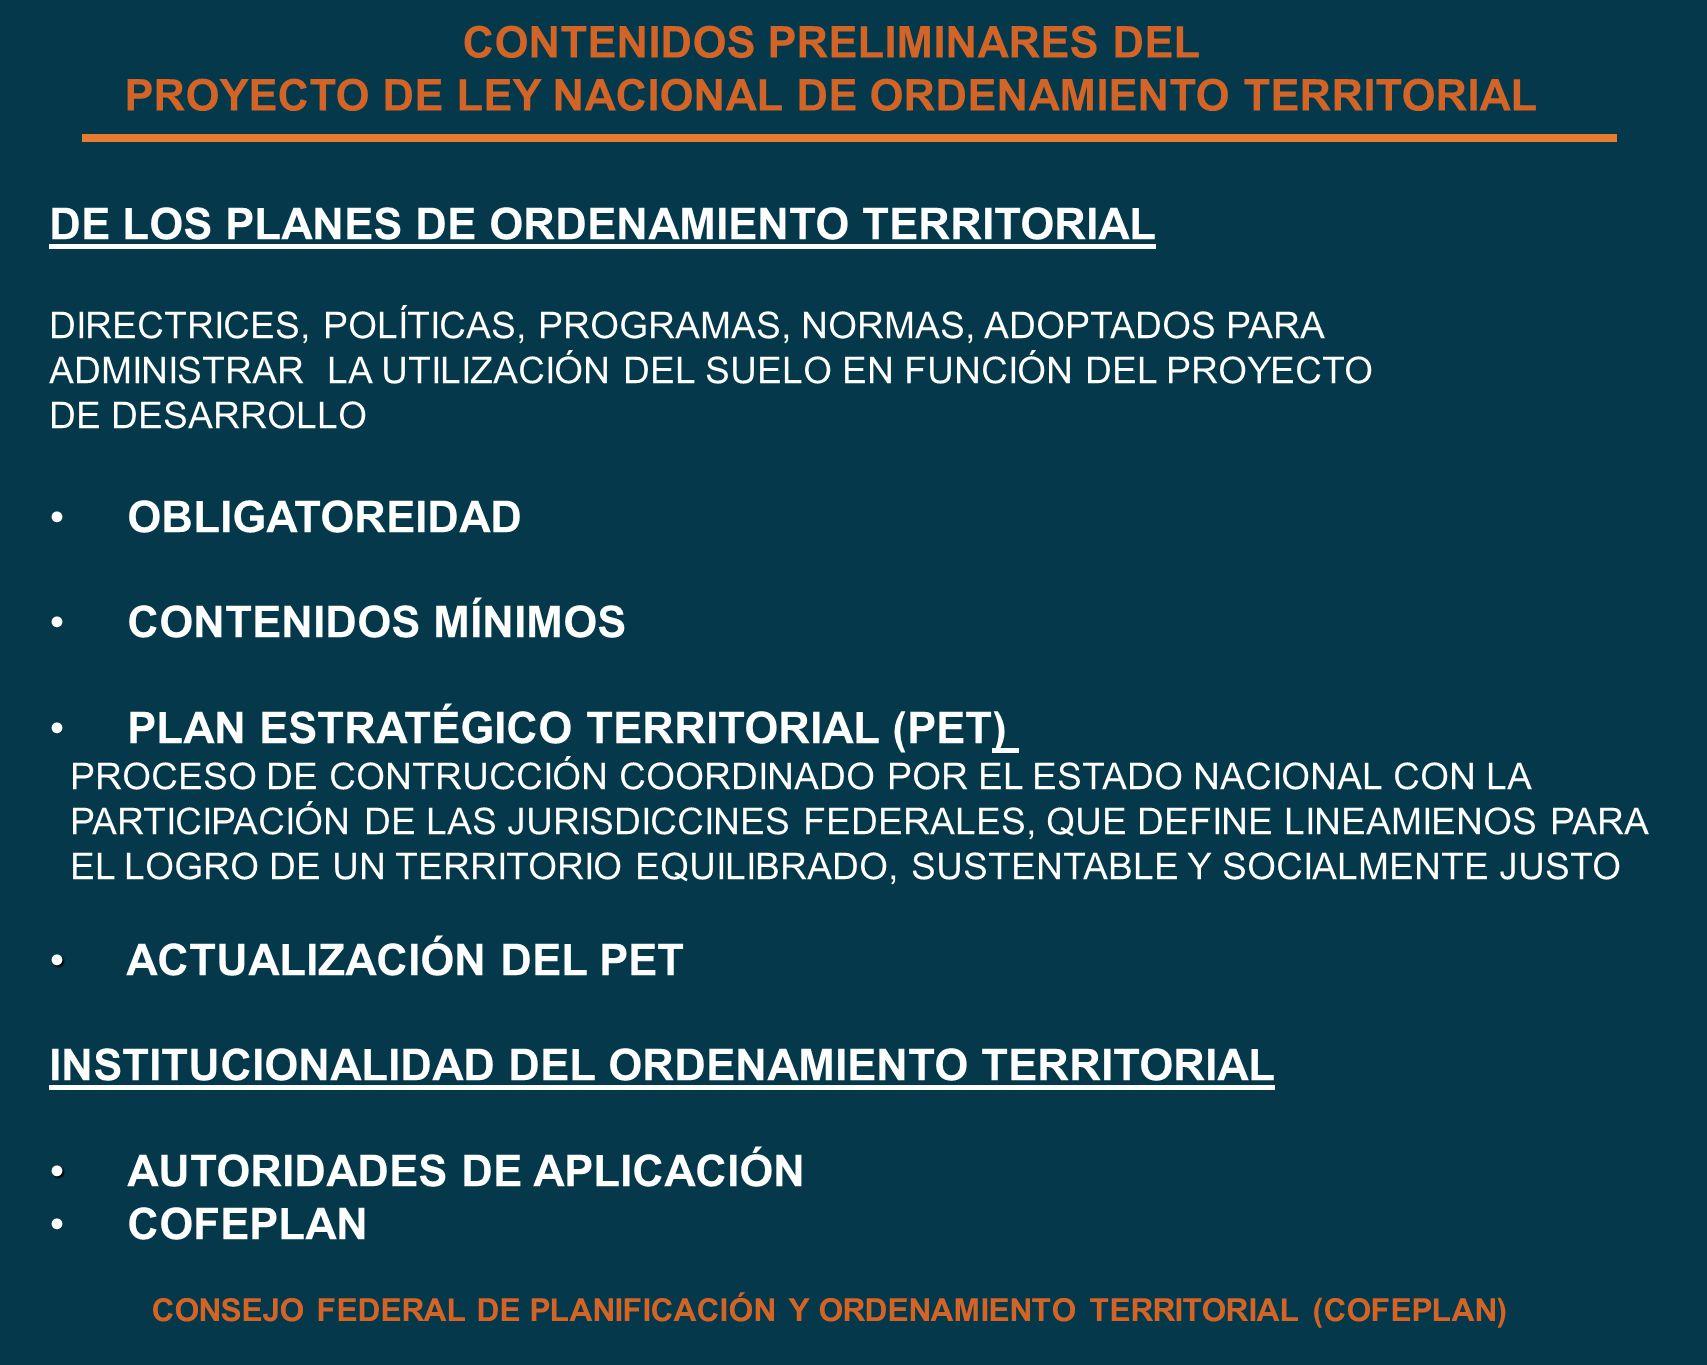 DE LOS PLANES DE ORDENAMIENTO TERRITORIAL DIRECTRICES, POLÍTICAS, PROGRAMAS, NORMAS, ADOPTADOS PARA ADMINISTRAR LA UTILIZACIÓN DEL SUELO EN FUNCIÓN DE